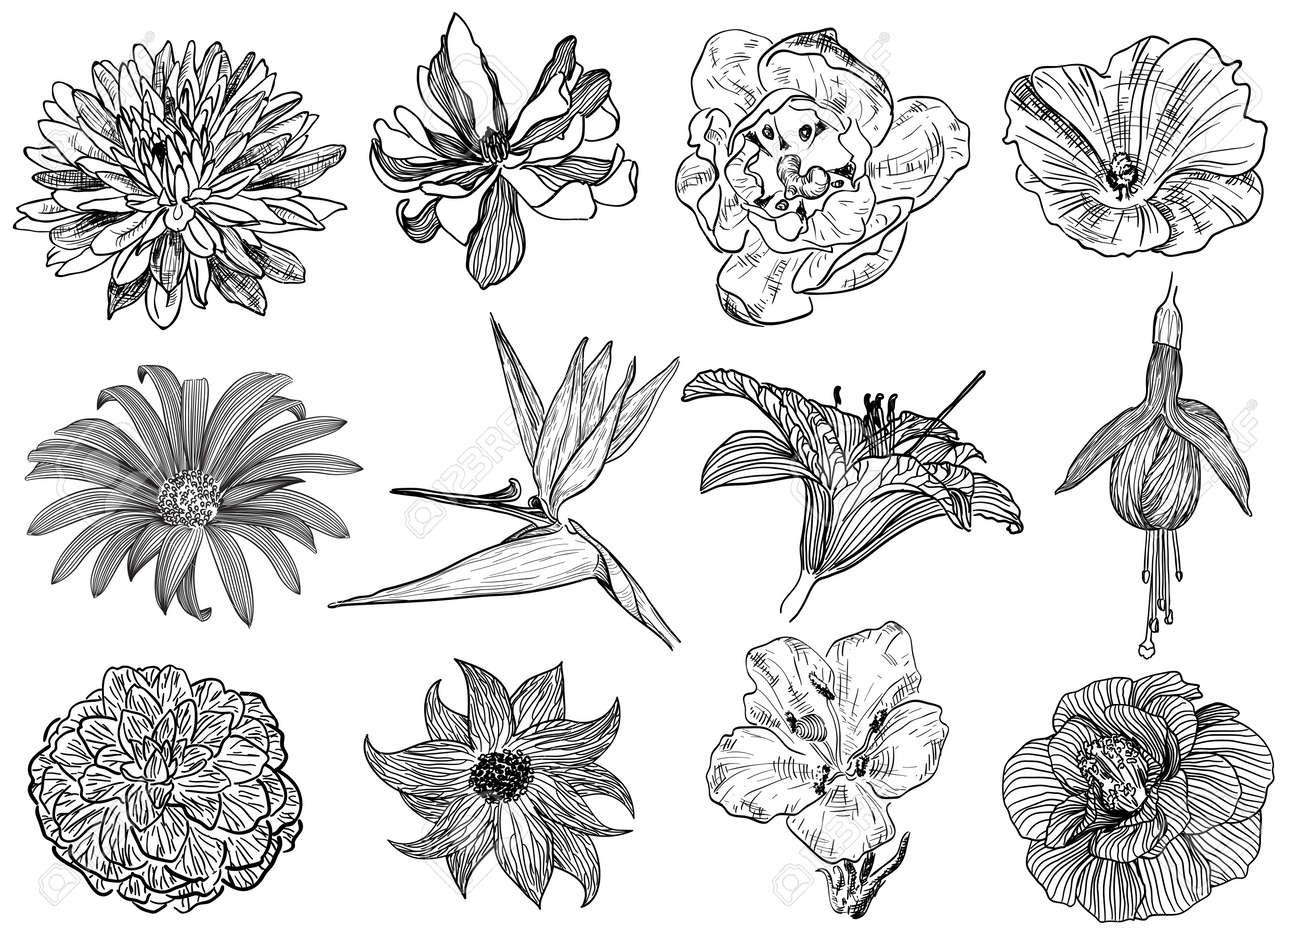 Ilustración Del Vector De Las Flores En El Estilo De Dibujo Aster Magnolia Enredadera Manzanilla Ave Del Paraíso De Flores Fucsia Lirio